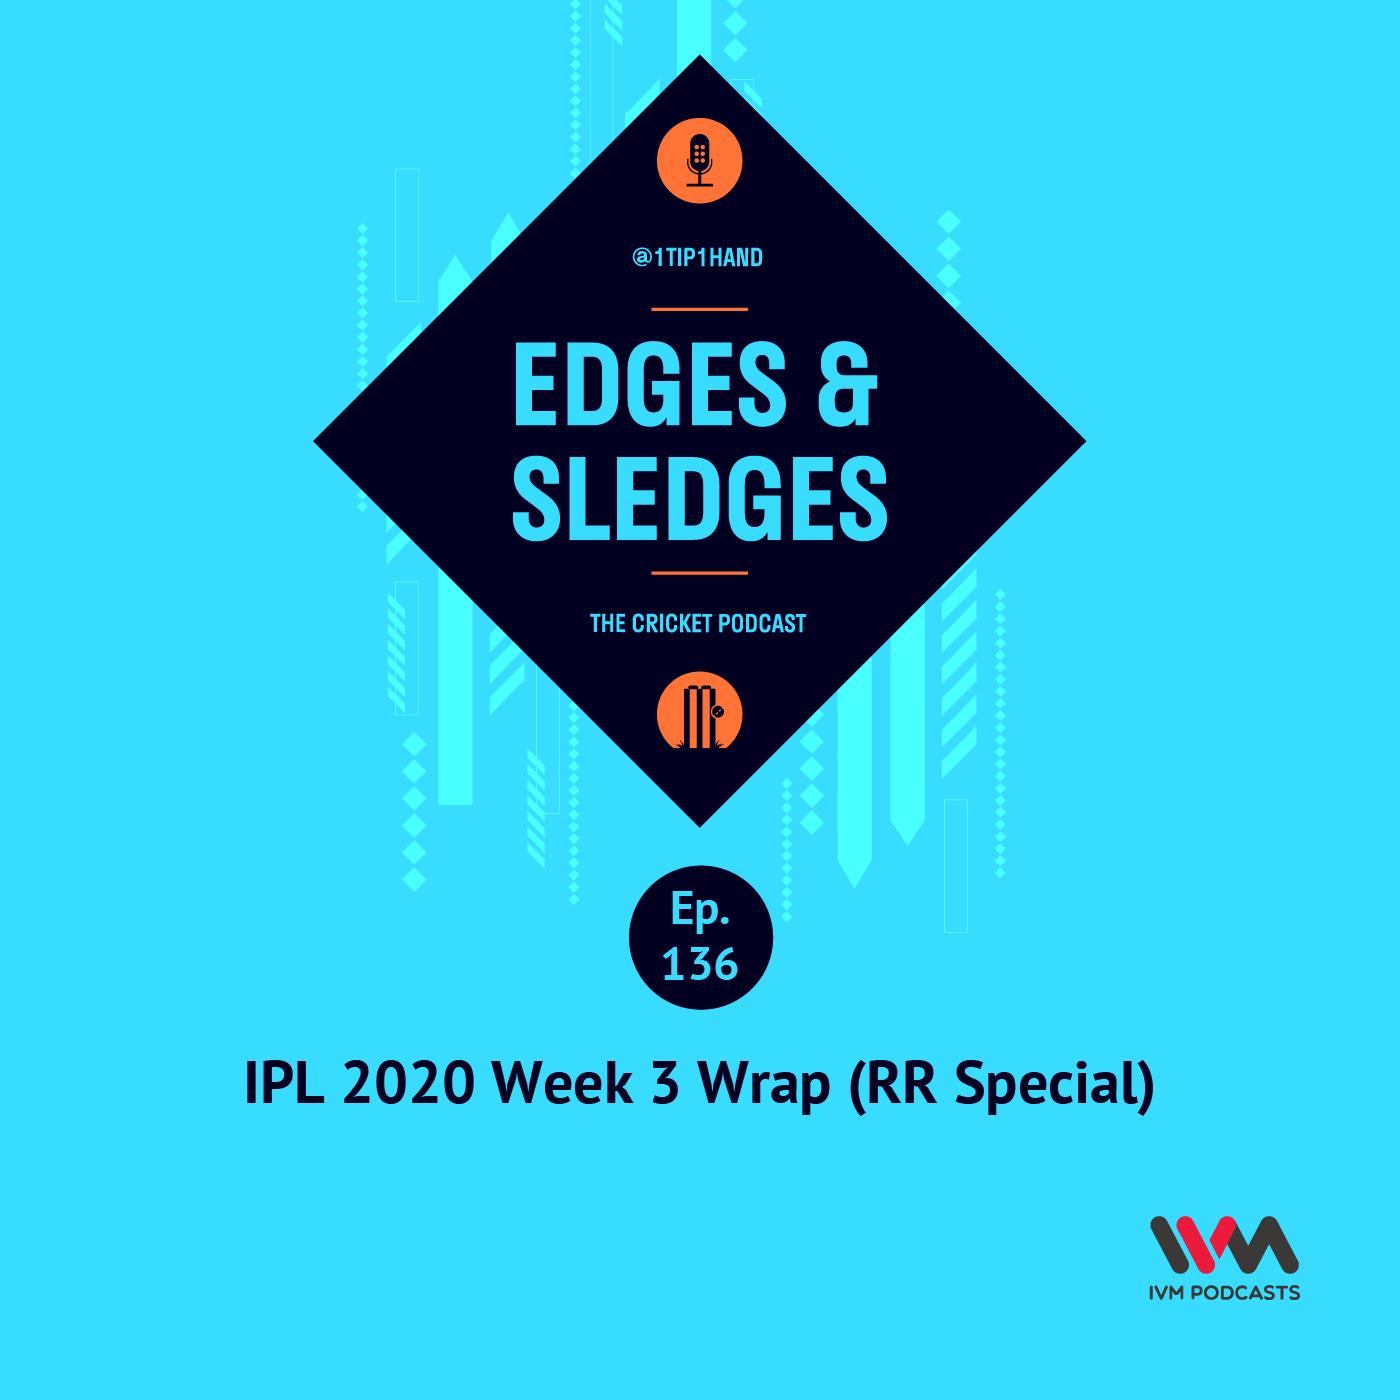 Ep. 136: IPL 2020 Week 3 Wrap (RR Special)